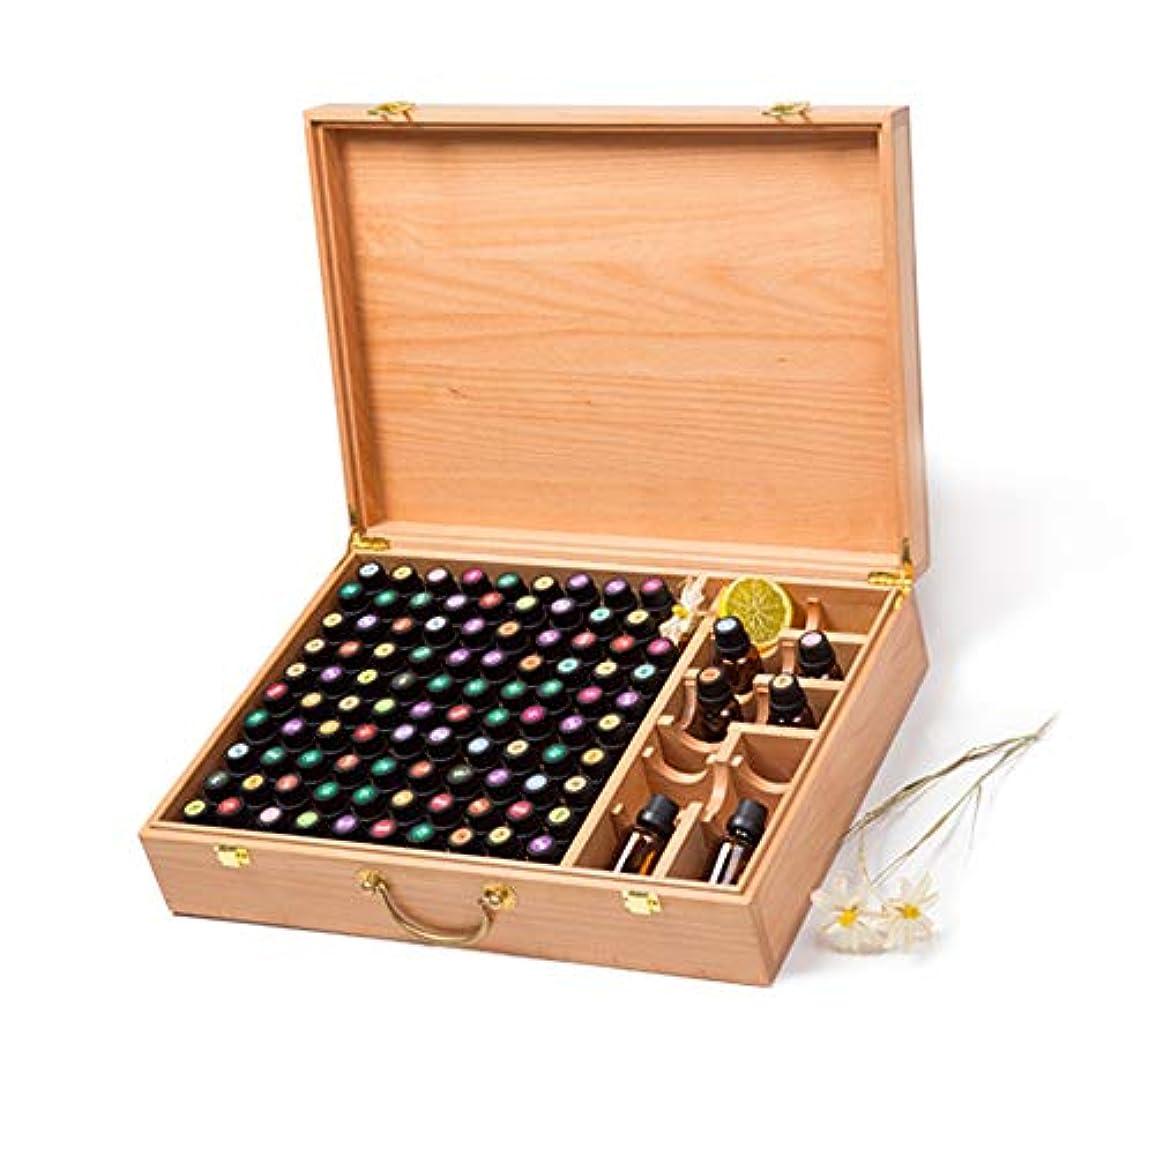 再編成するエレメンタル品エッセンシャルオイルボックス ハンドル100手作りの木製のエッセンシャルオイルの収納ボックスとパーフェクトオイルカートン アロマセラピー収納ボックス (色 : Natural, サイズ : 44X31.5X10.5CM)